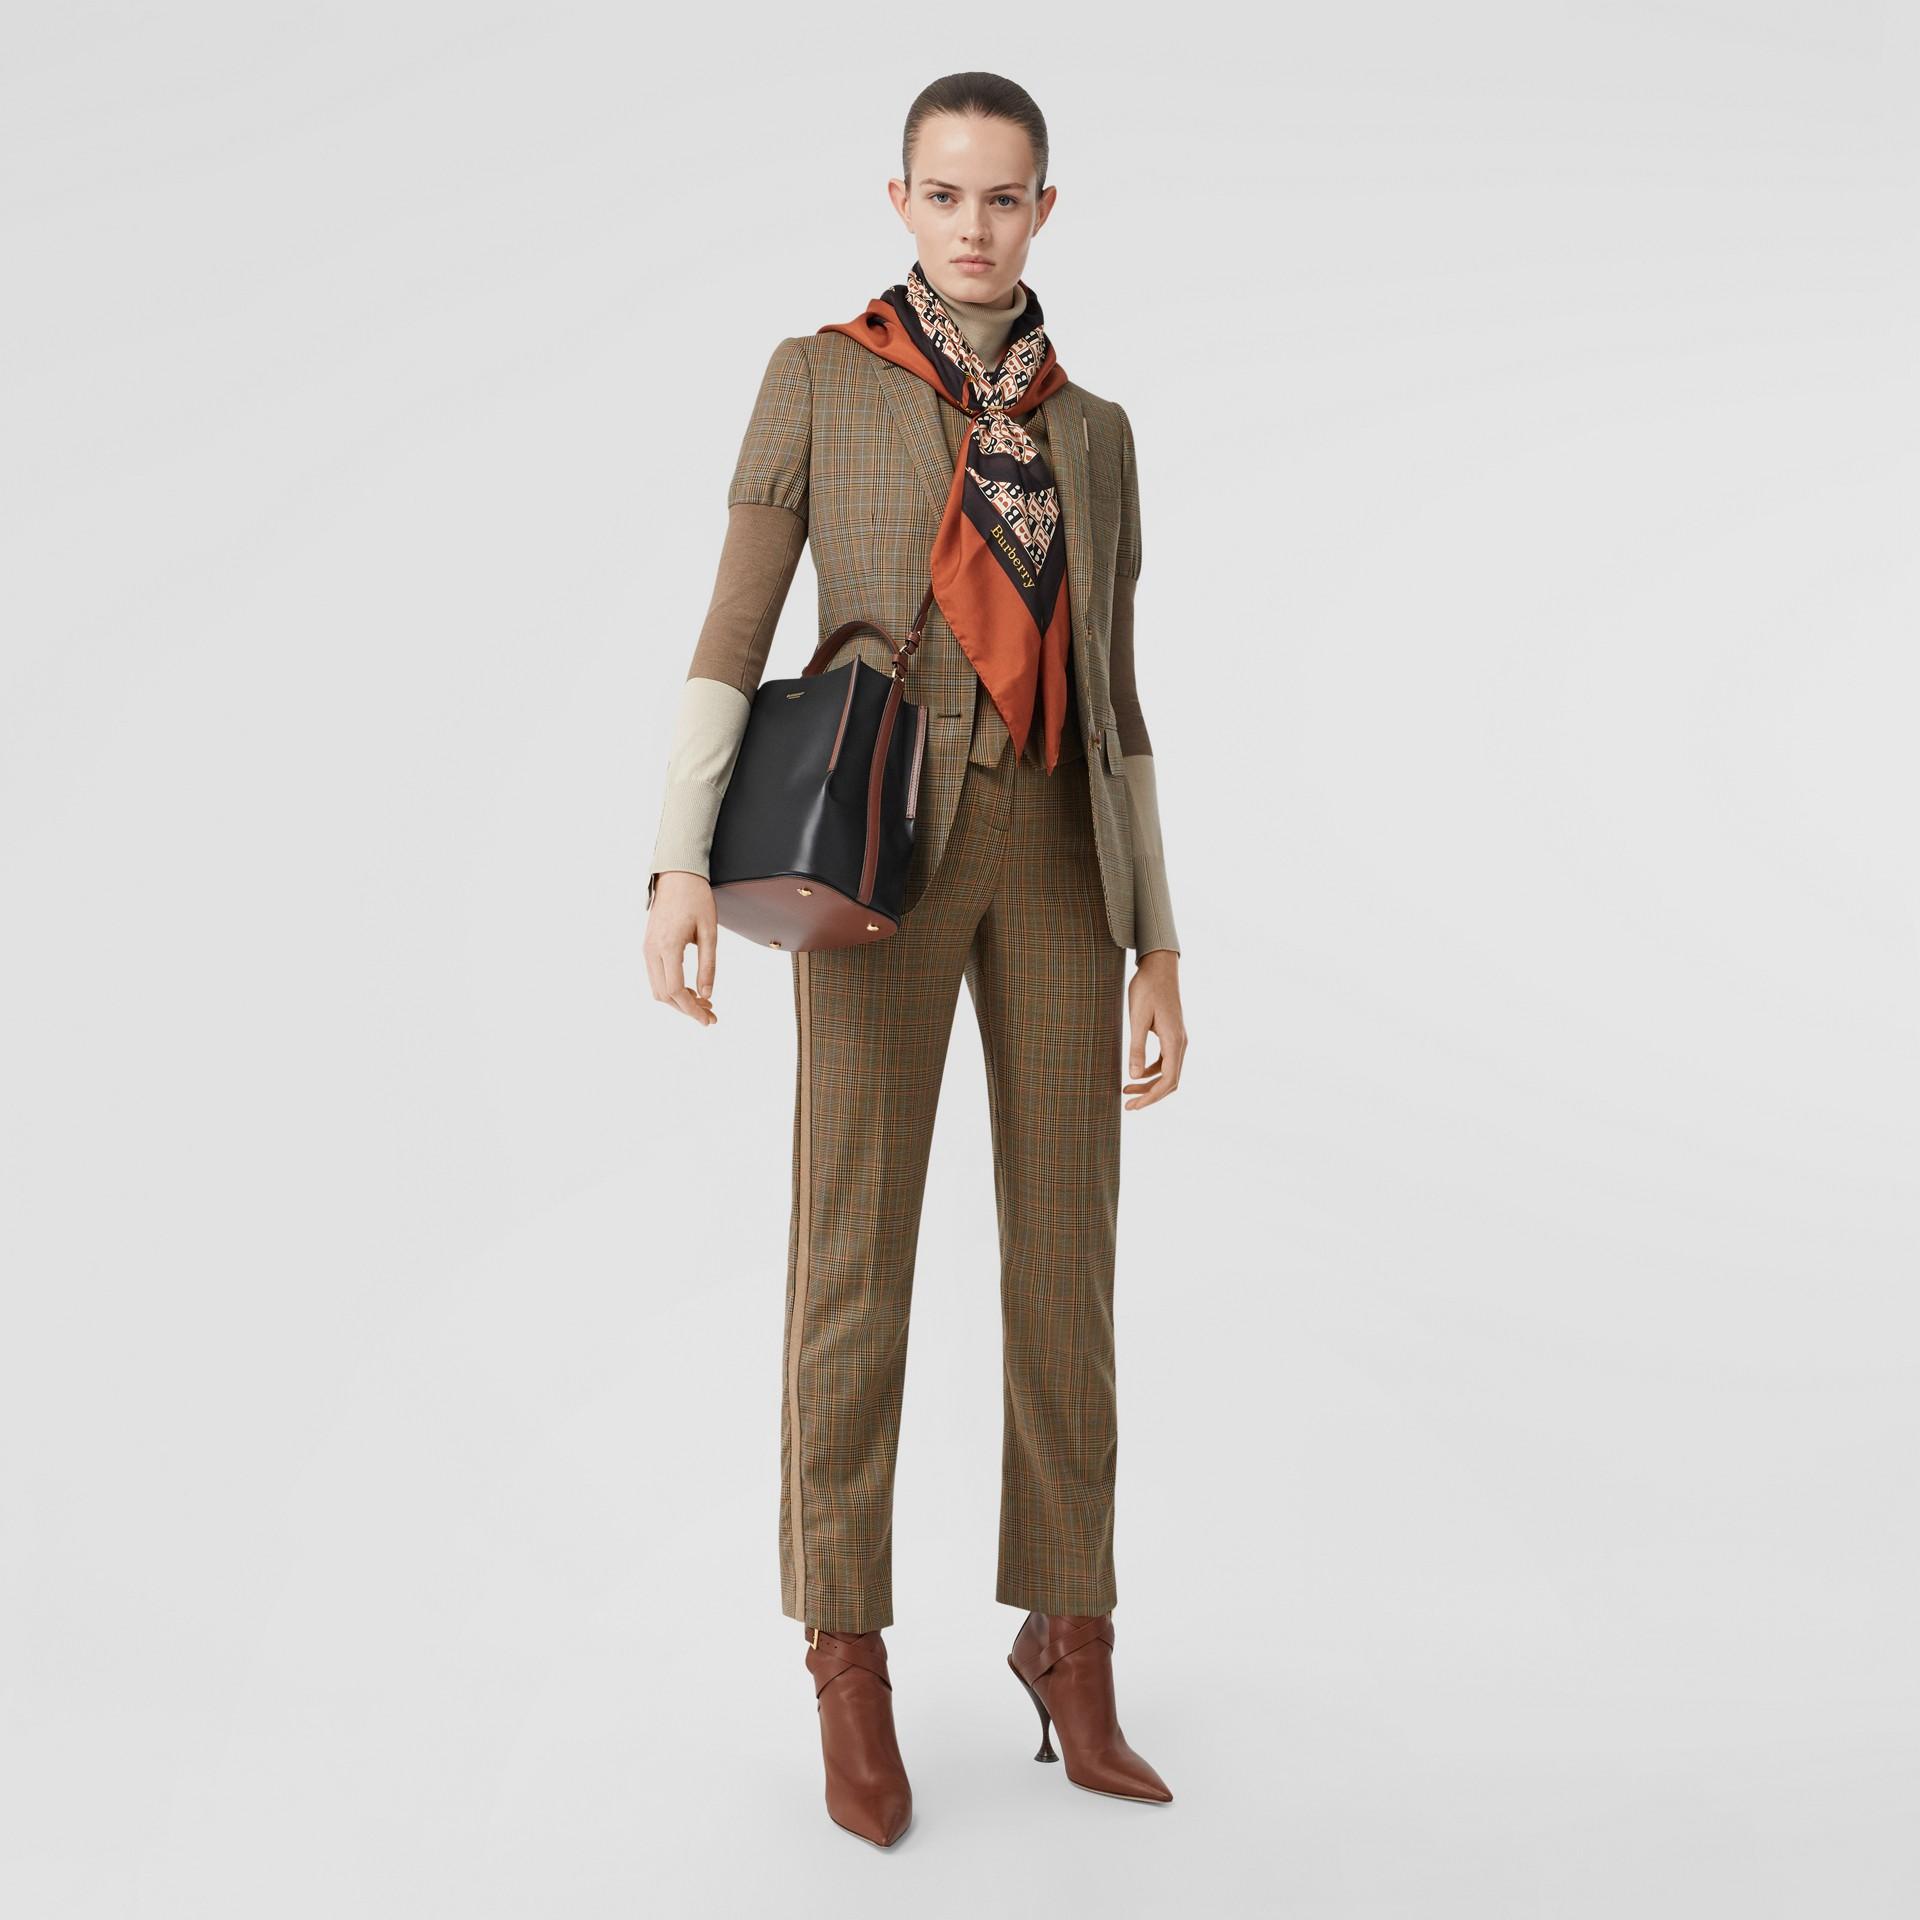 스몰 투톤 레더 페기 버킷 백 (블랙) - 여성 | Burberry - 갤러리 이미지 5